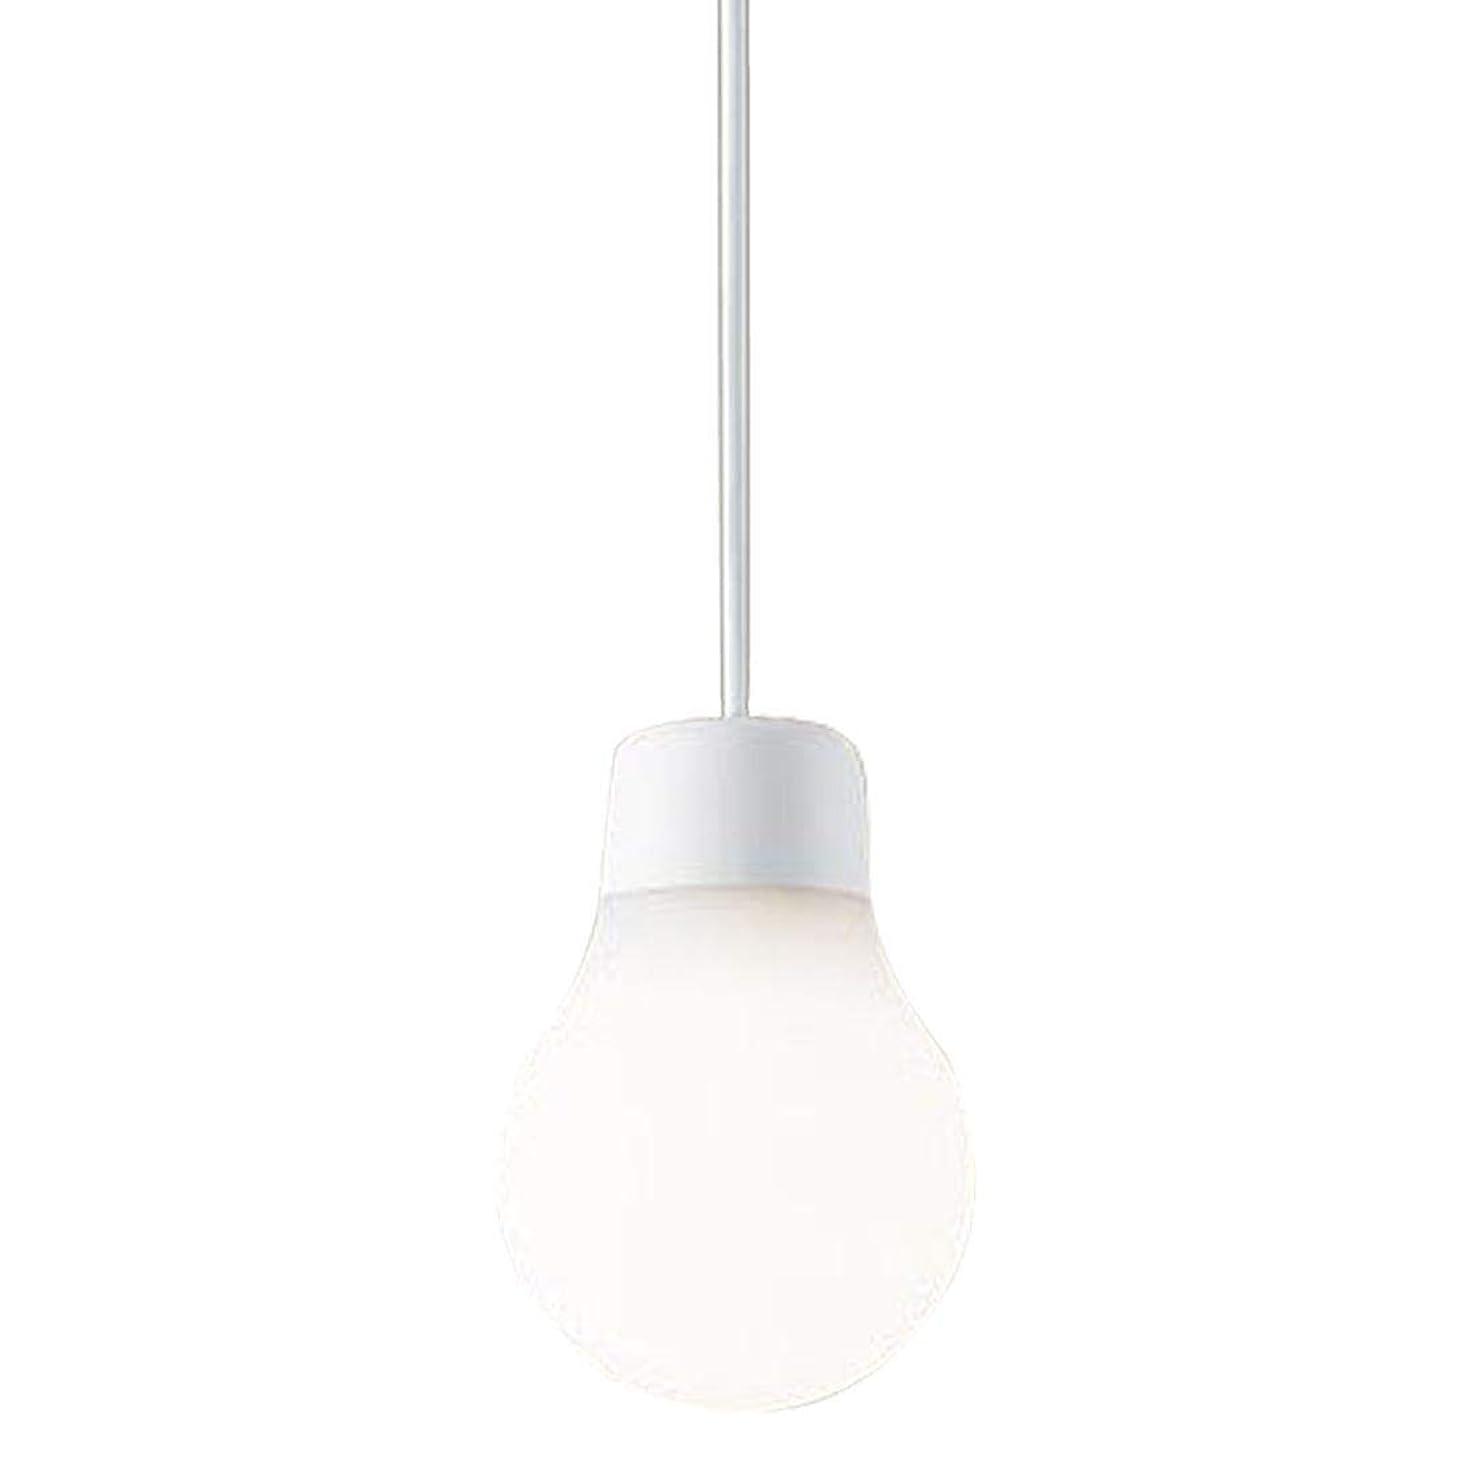 率直なベックス練習したパナソニック ペンダントライト LAMP DESIGN LGB10439WCE1 引掛シーリング 温白色 白紐 奥行10×高さ10×幅14.5cm